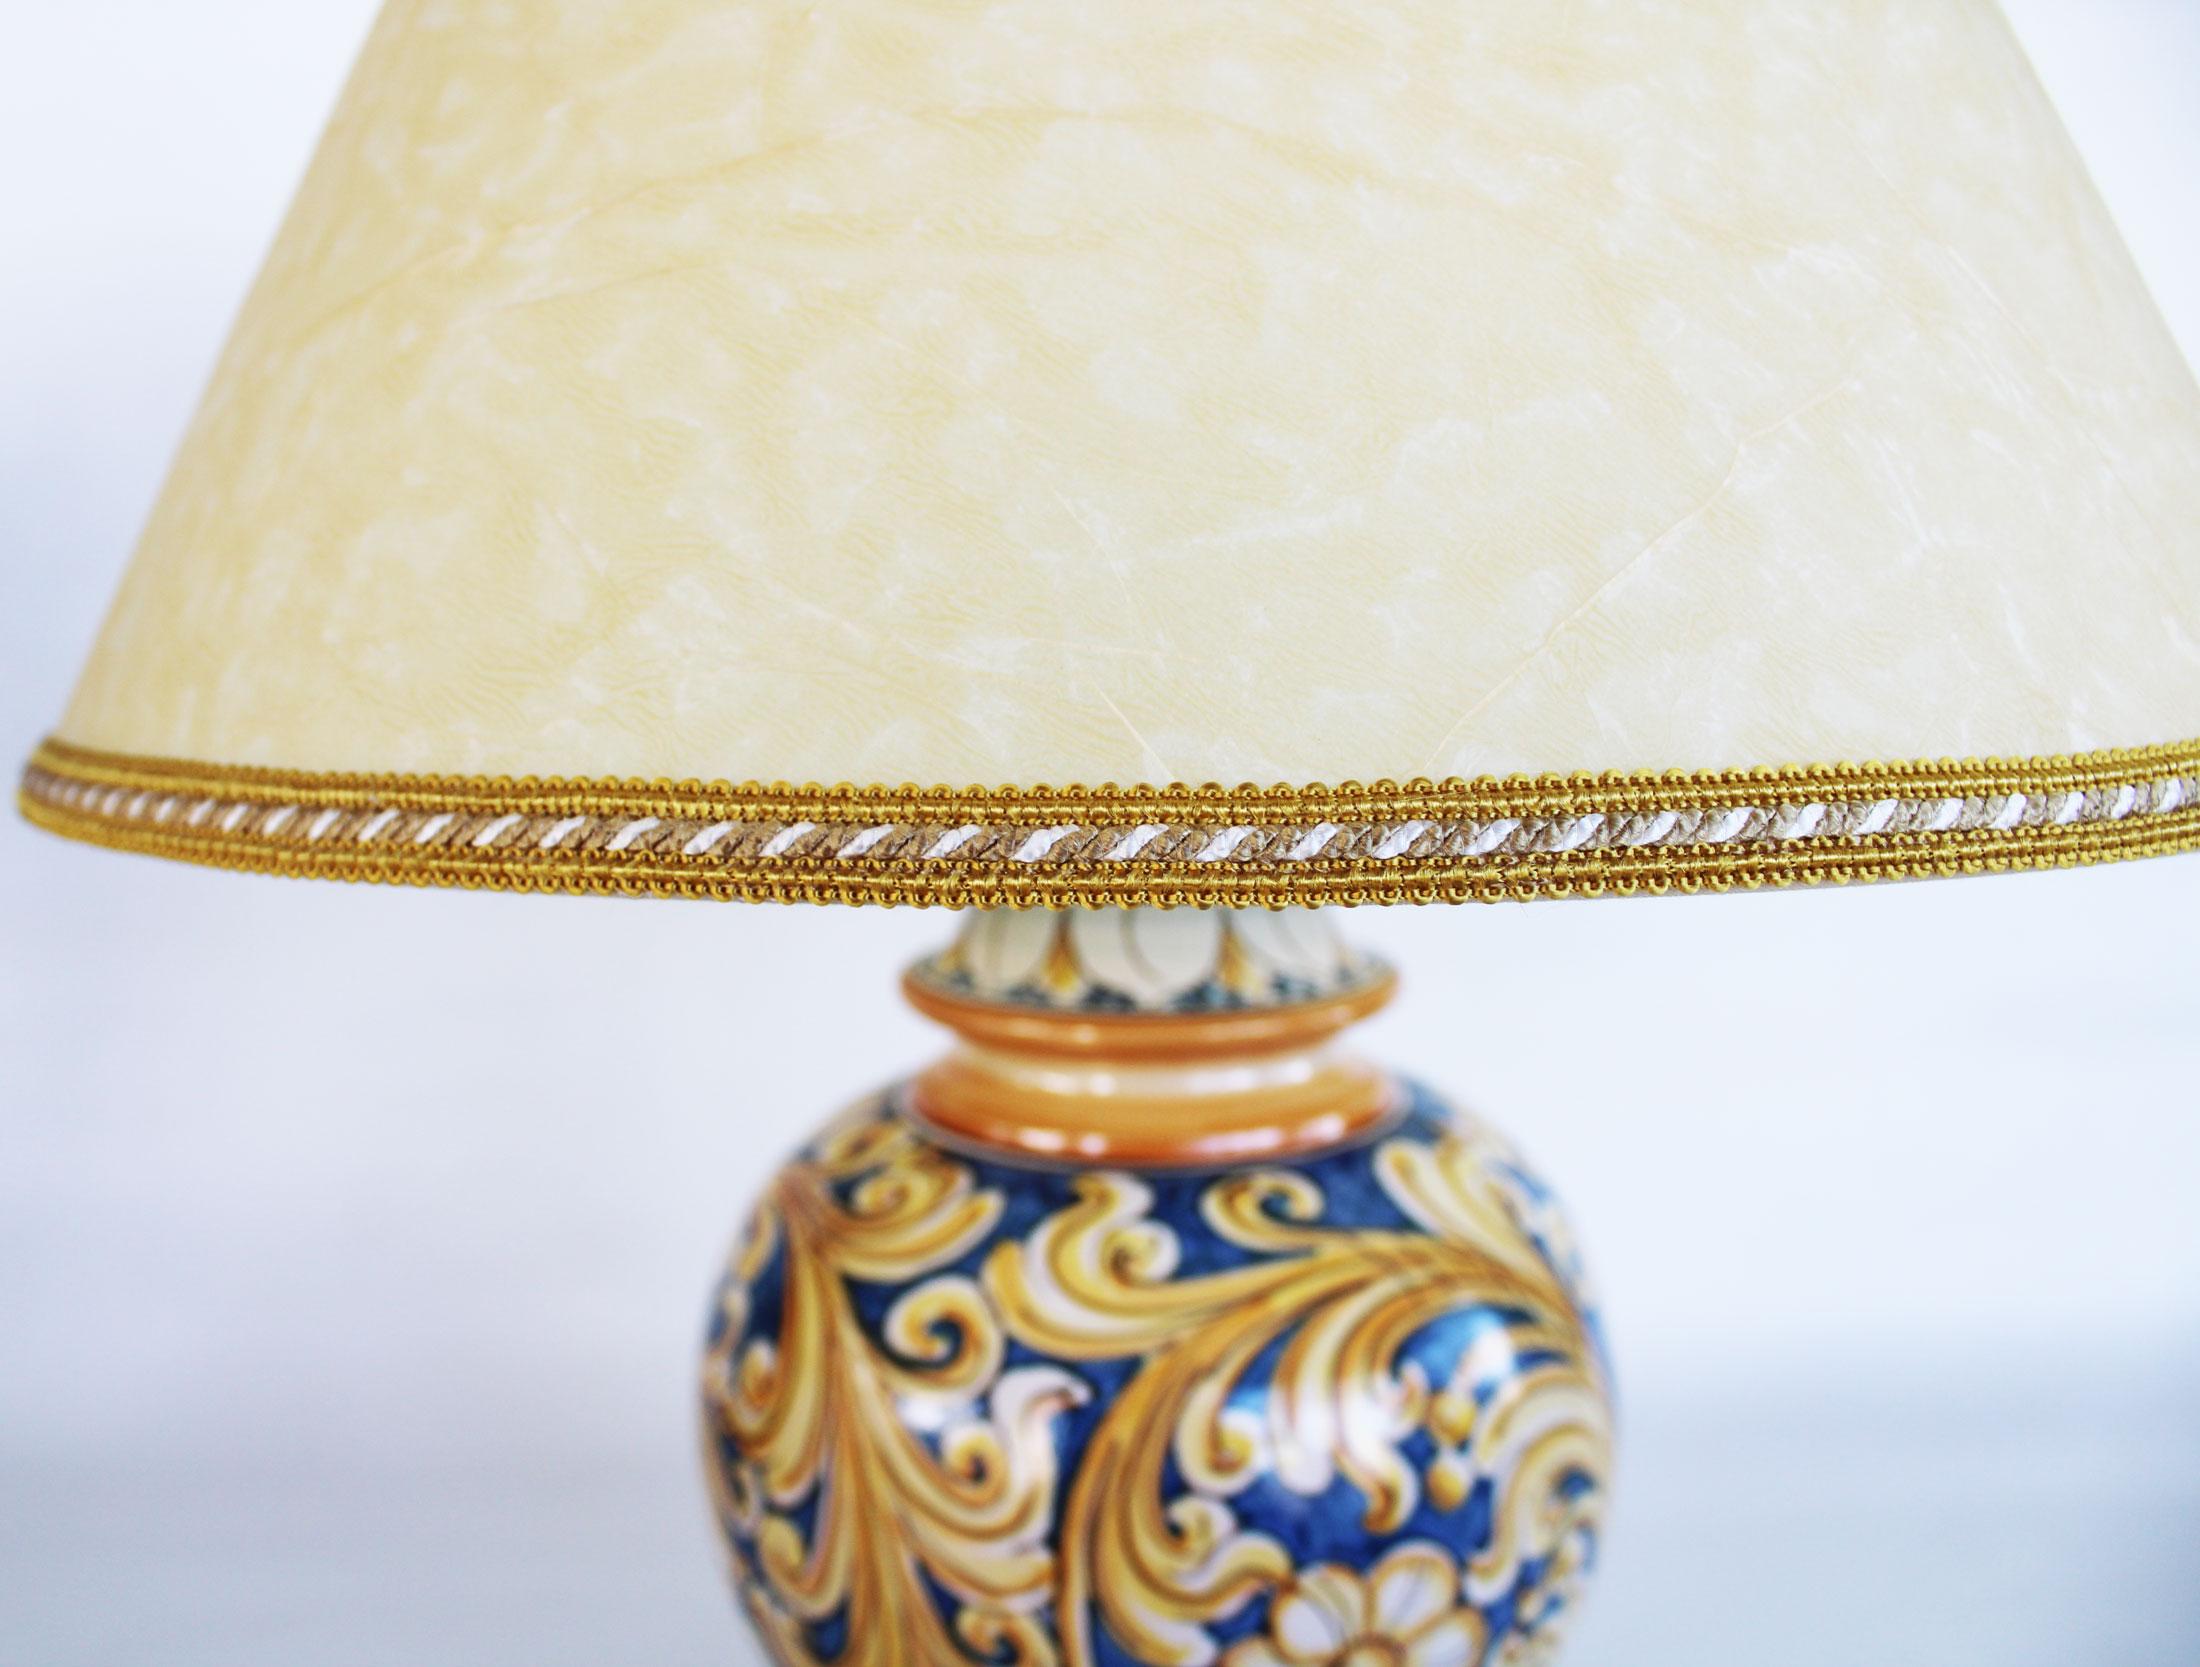 Lampada A Lume Classico In Ceramiche Di Caltagirone Maioliche Artistiche Giorgio Ivano Alemanna